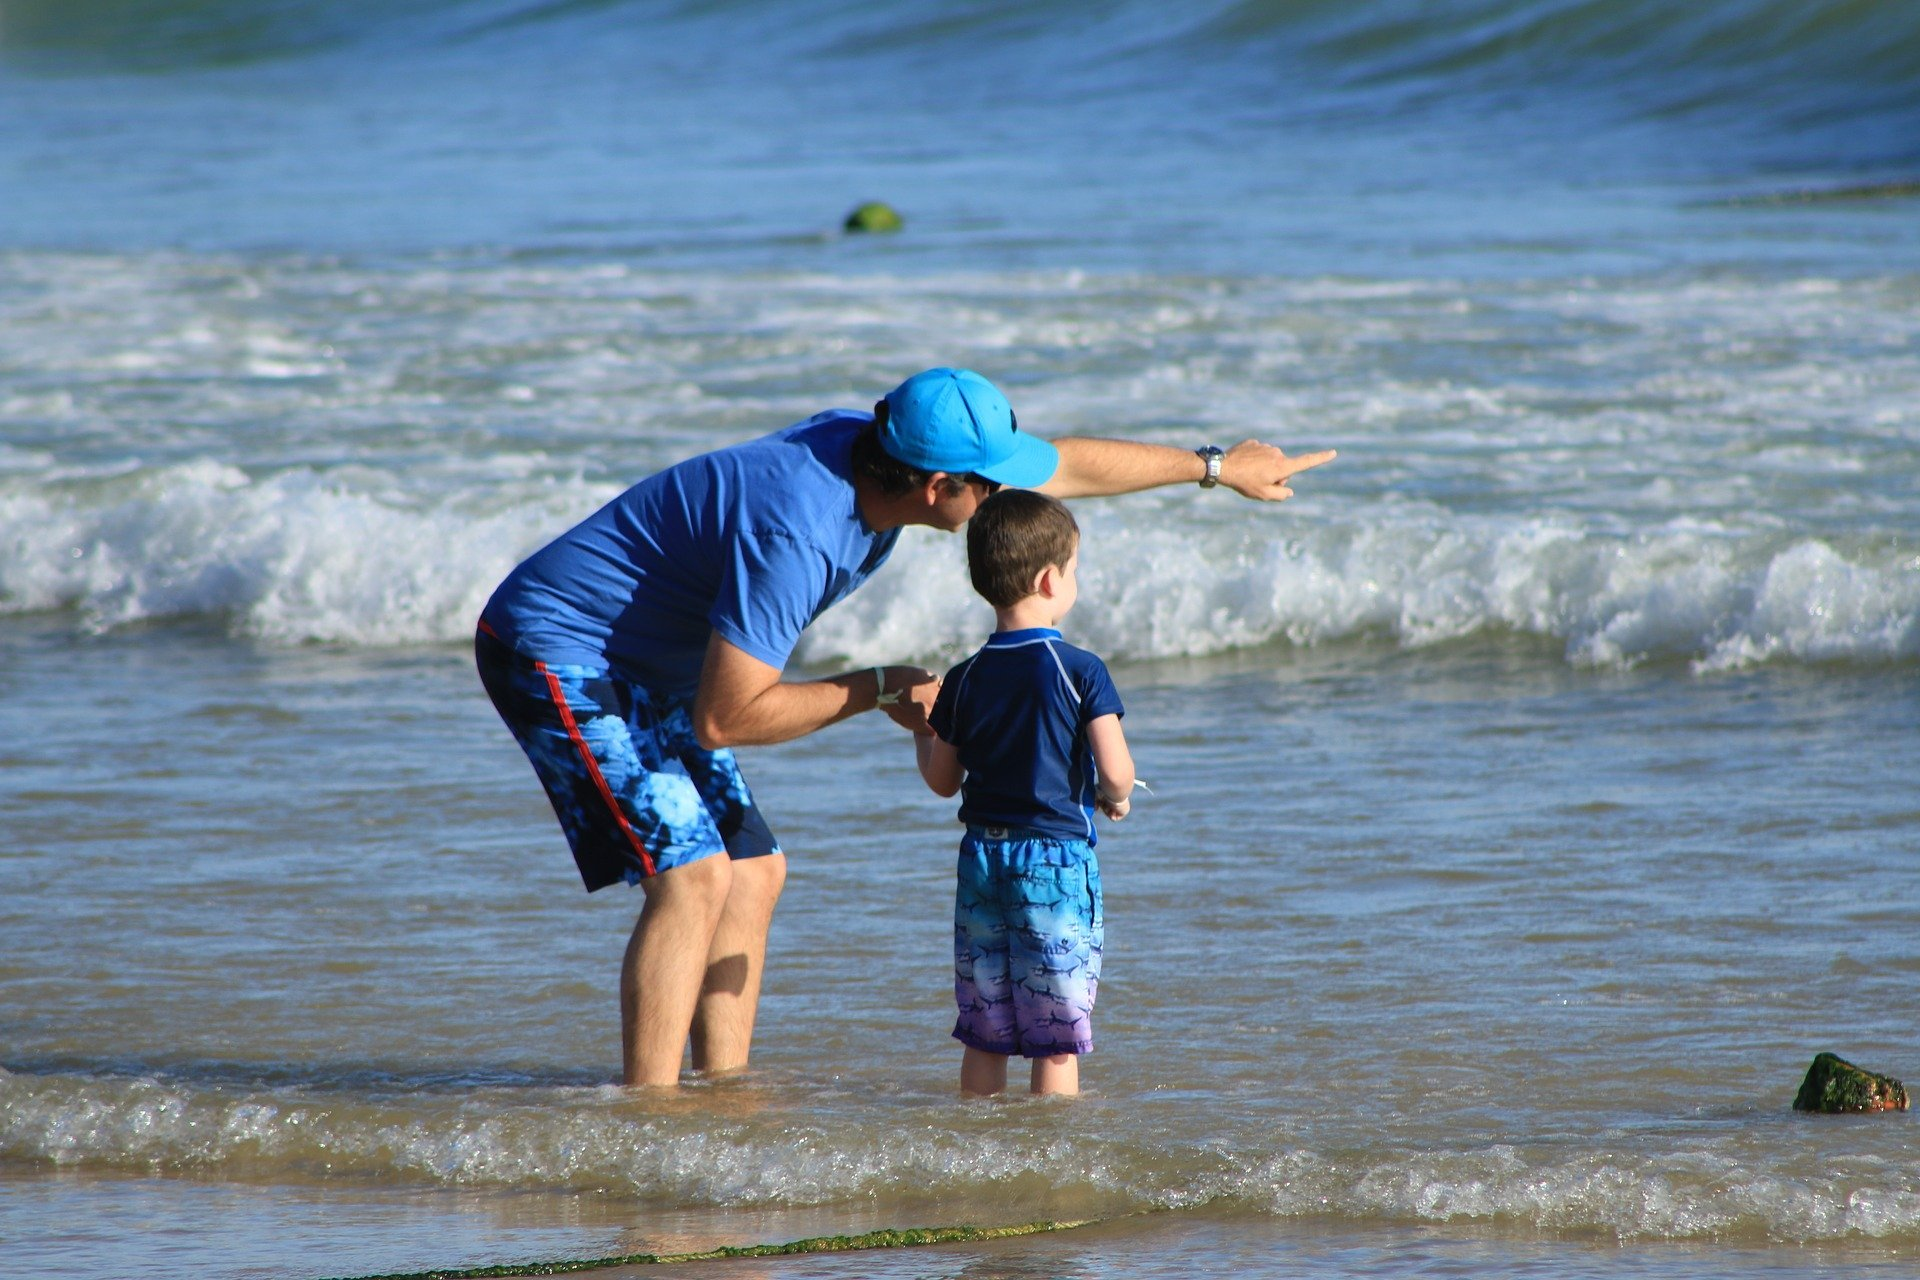 un uomo indica con la mano un punto lontano al figlio mentre sono in riva al mare